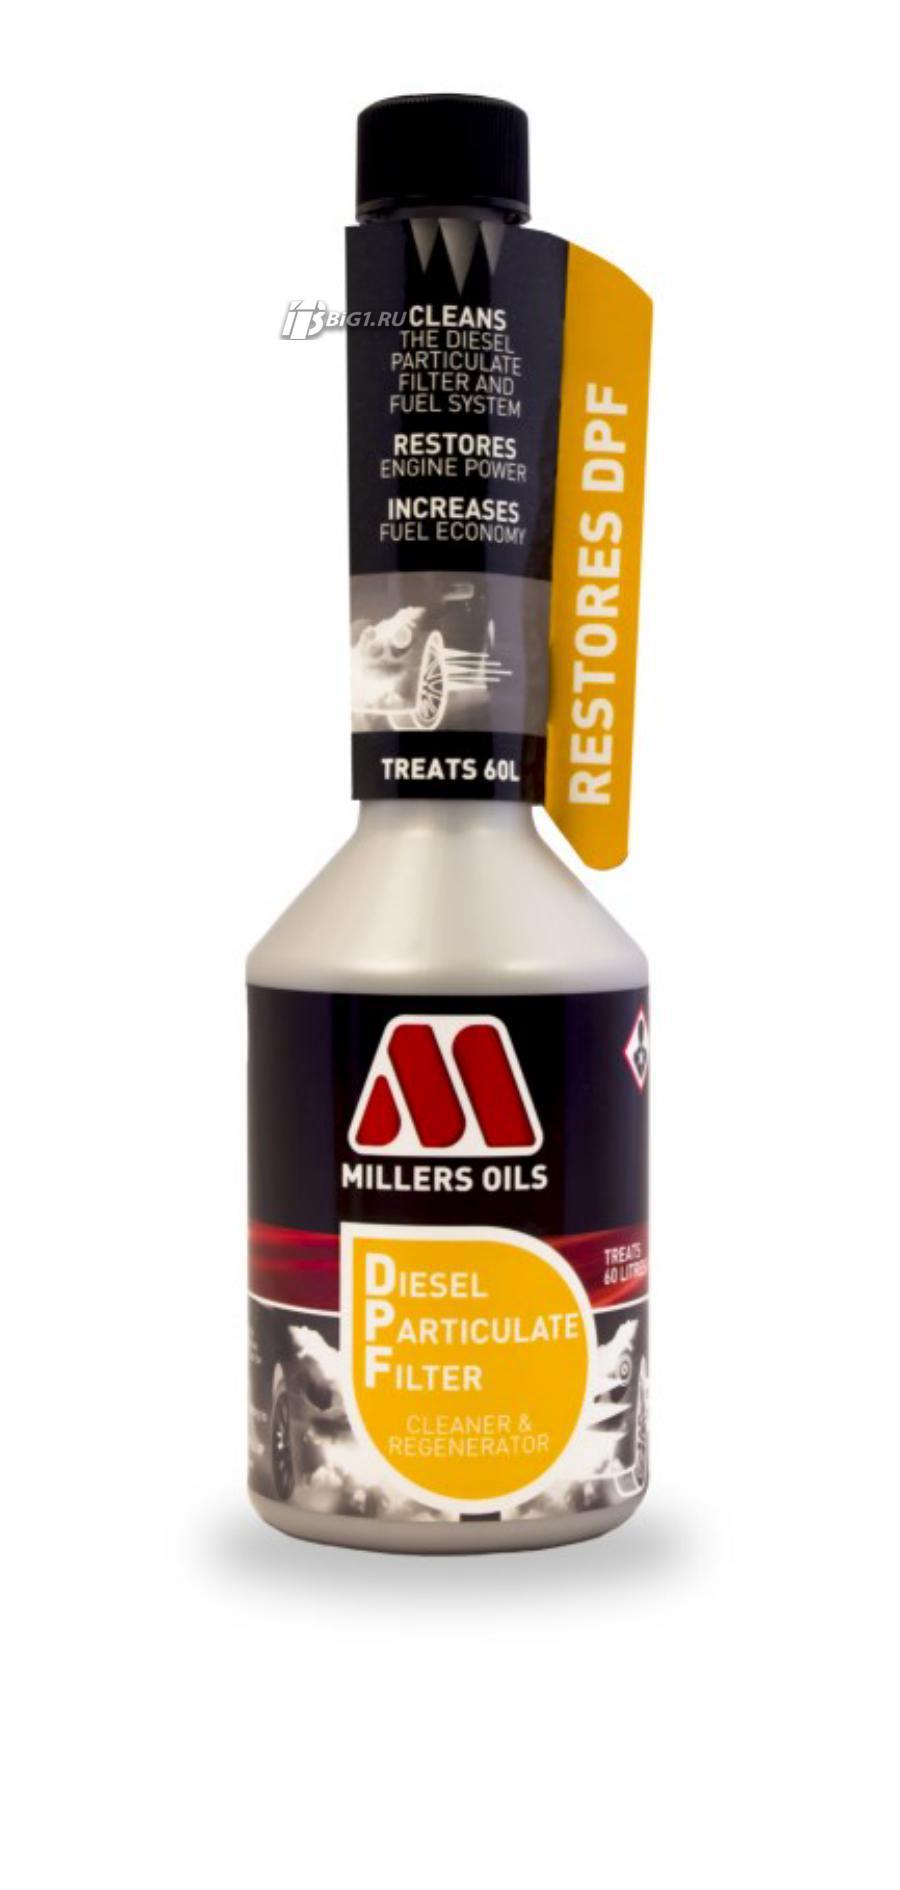 Очиститель сажевого фильтра Diesel Particulate Filter Cleaner & Regenerator